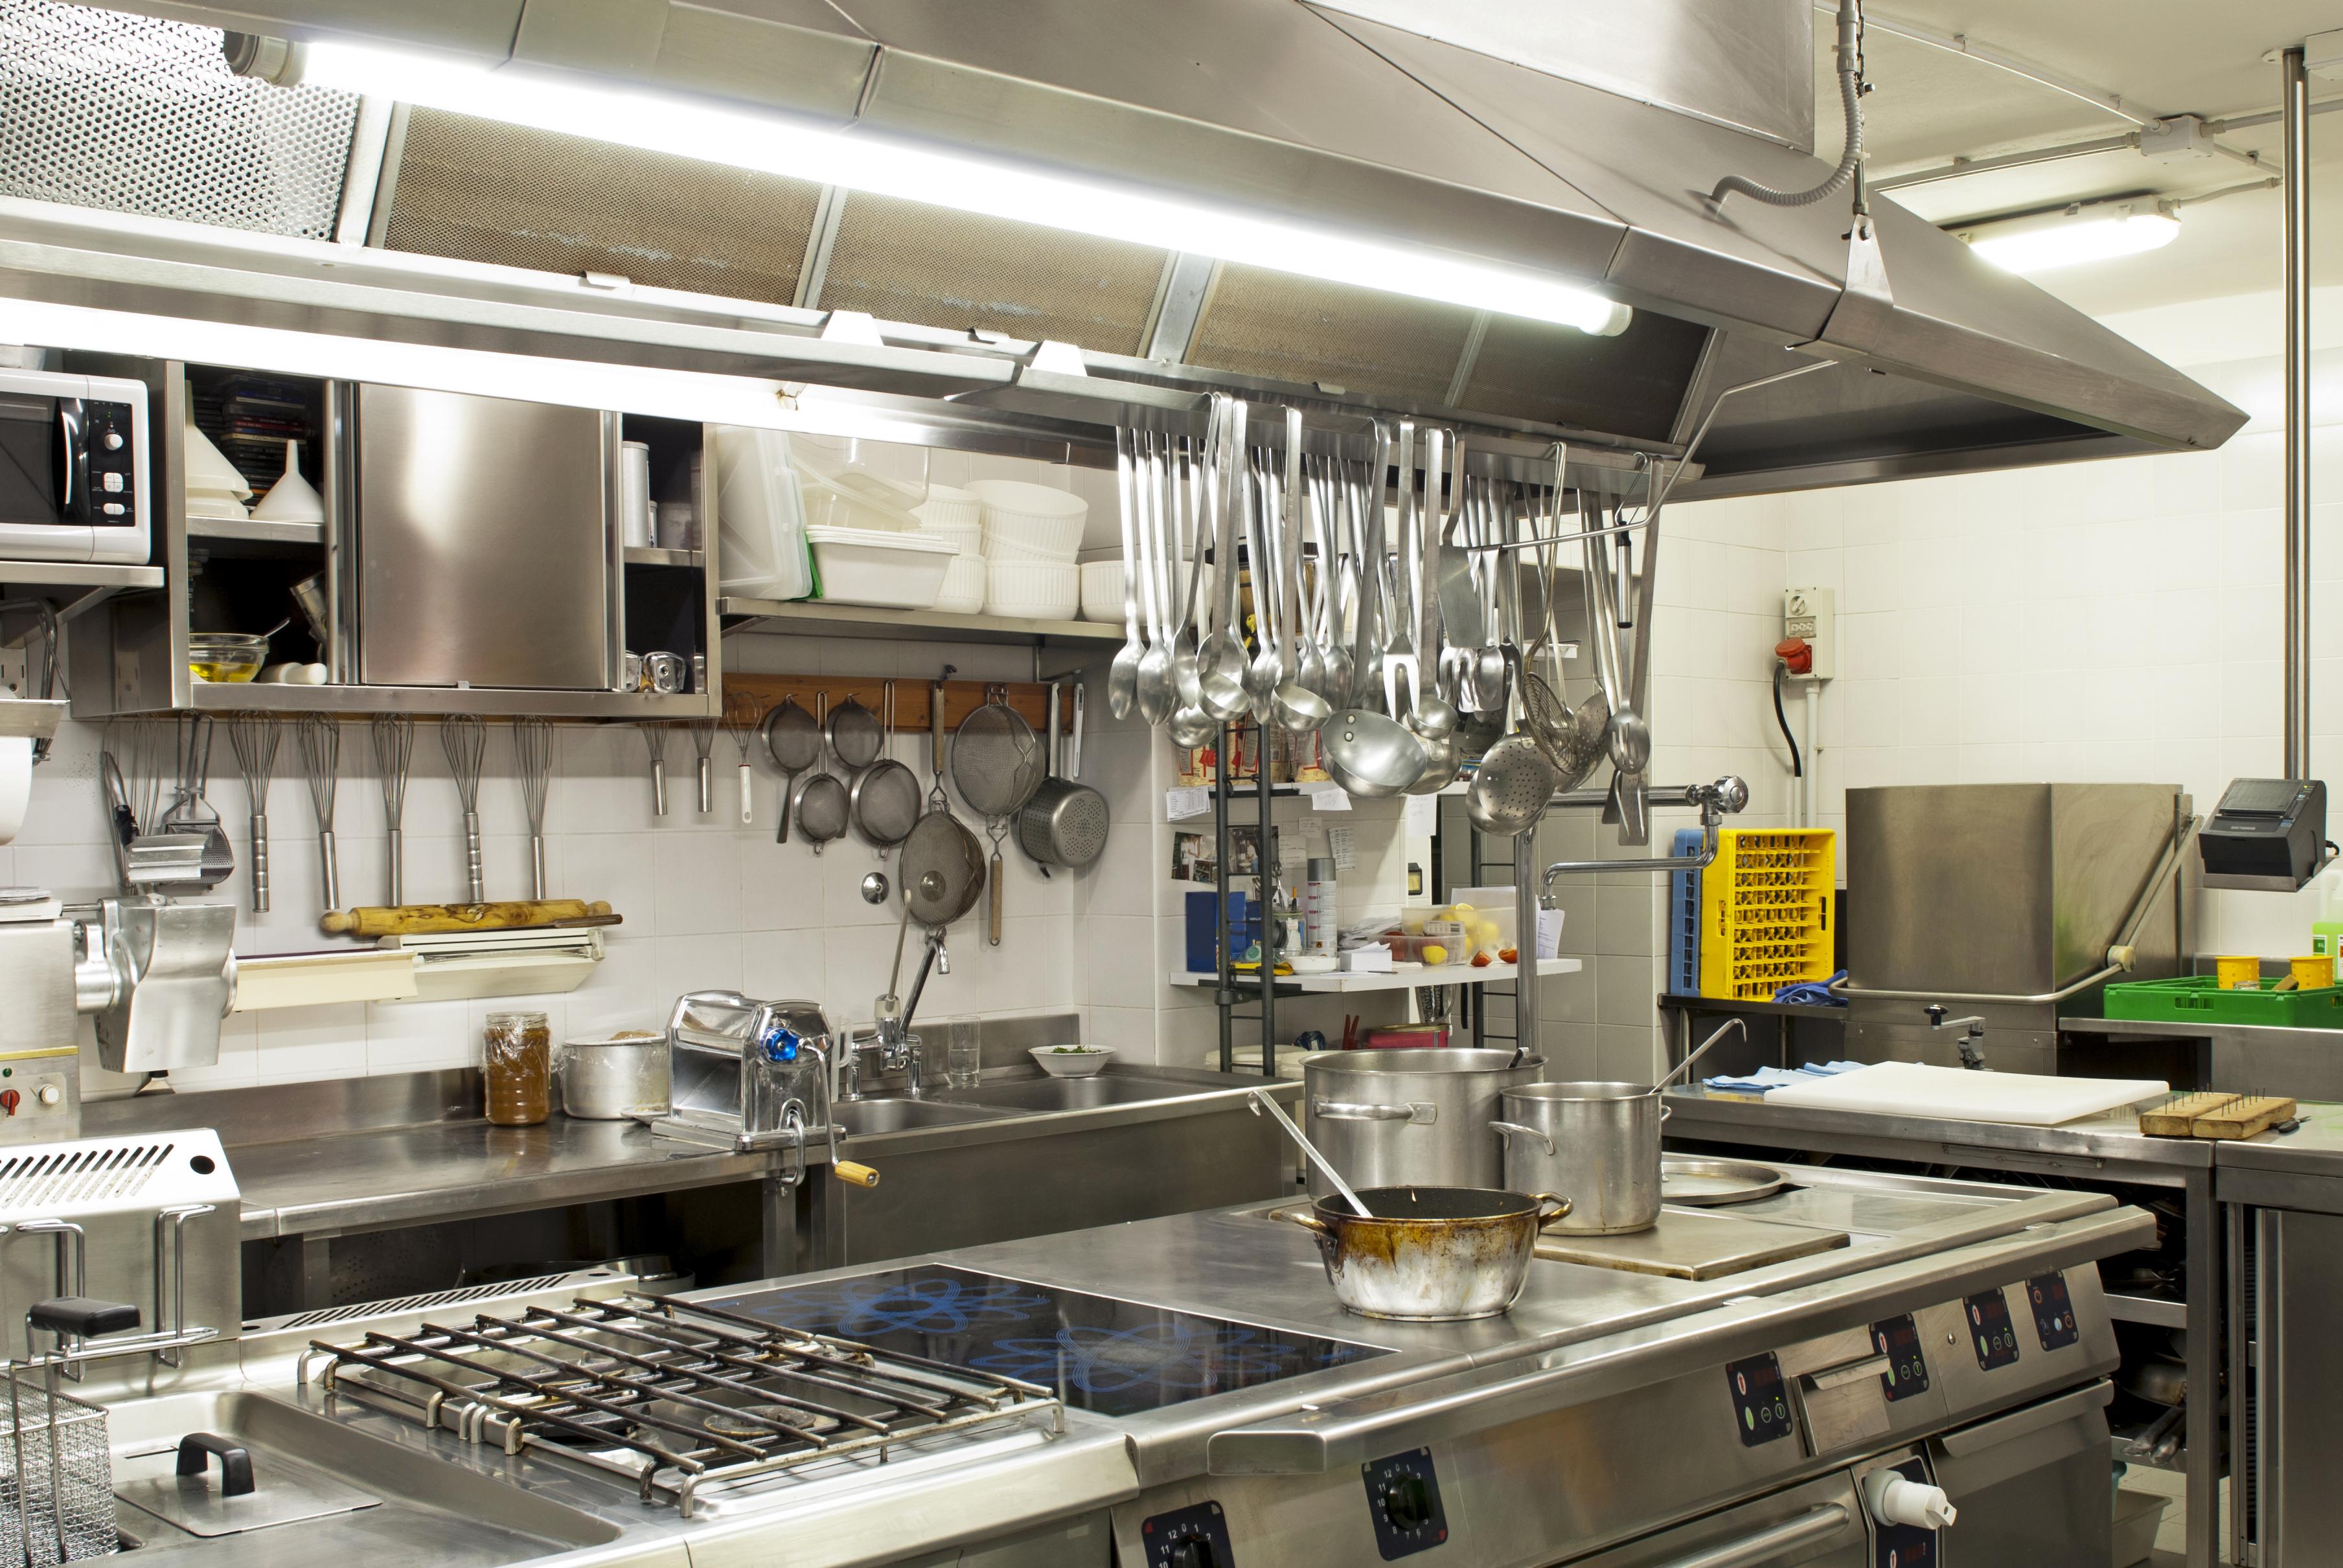 LED restaurant lighting - t8 tube lights in kitchen